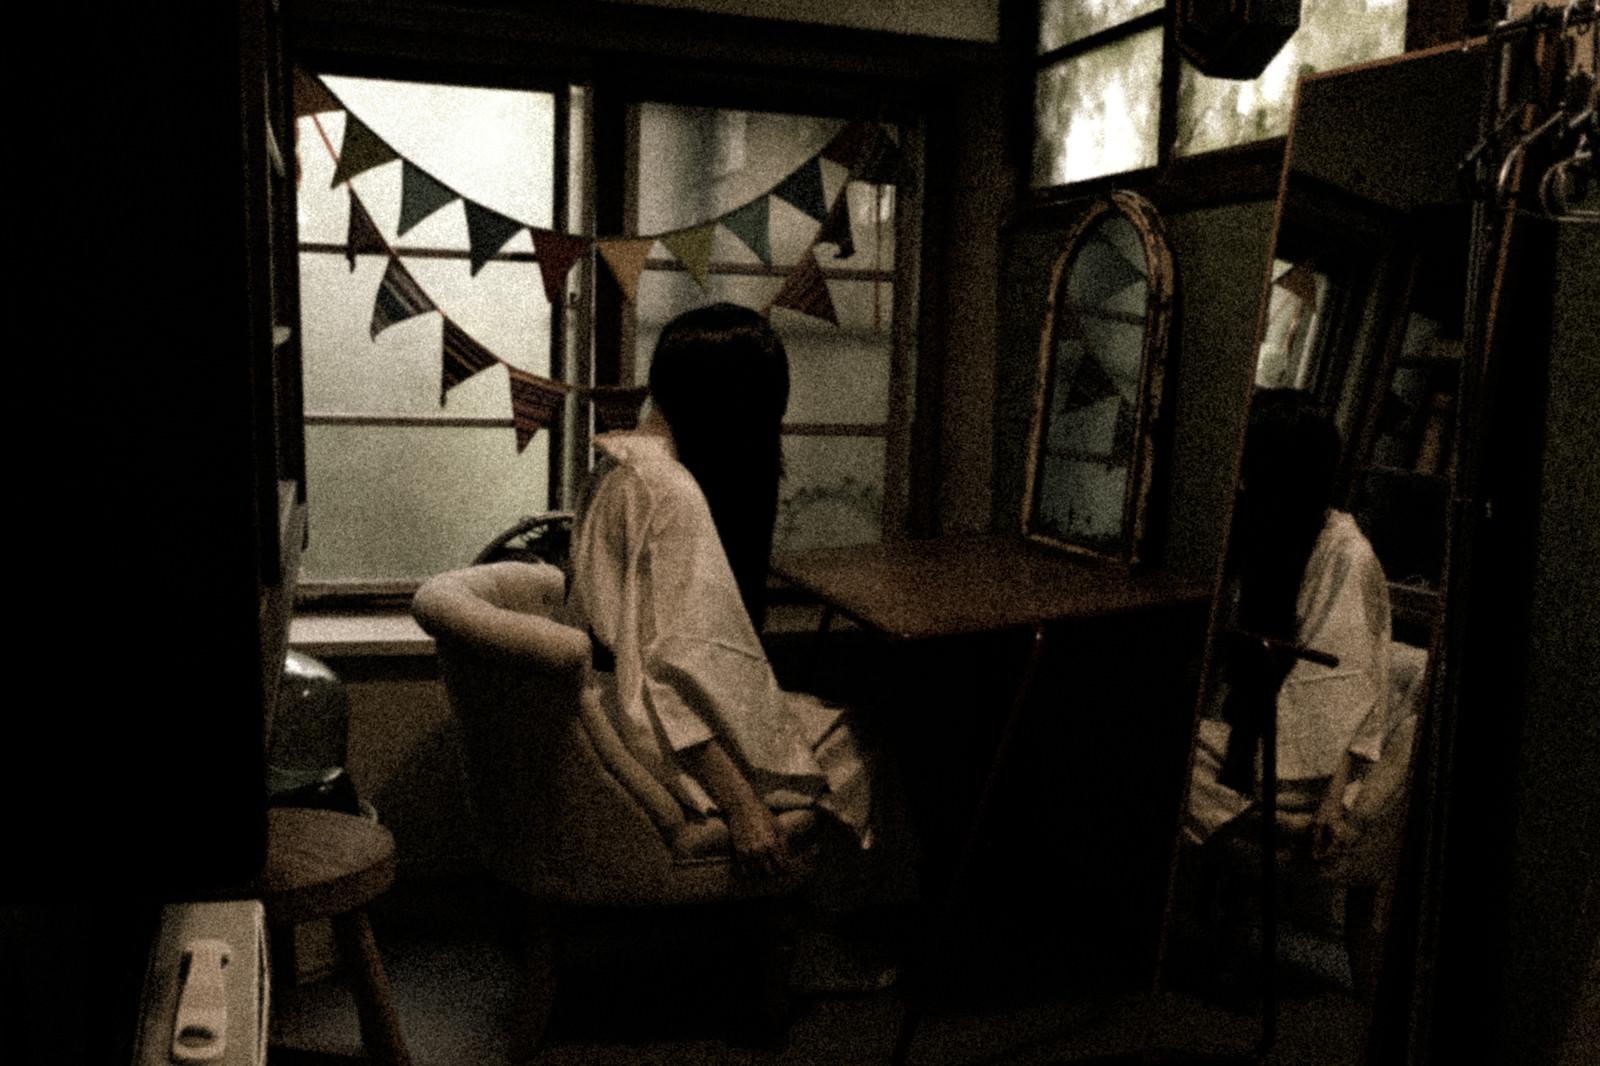 「ハロウィンだと聞いて白装束に着替える女性」の写真[モデル:緋真煉]